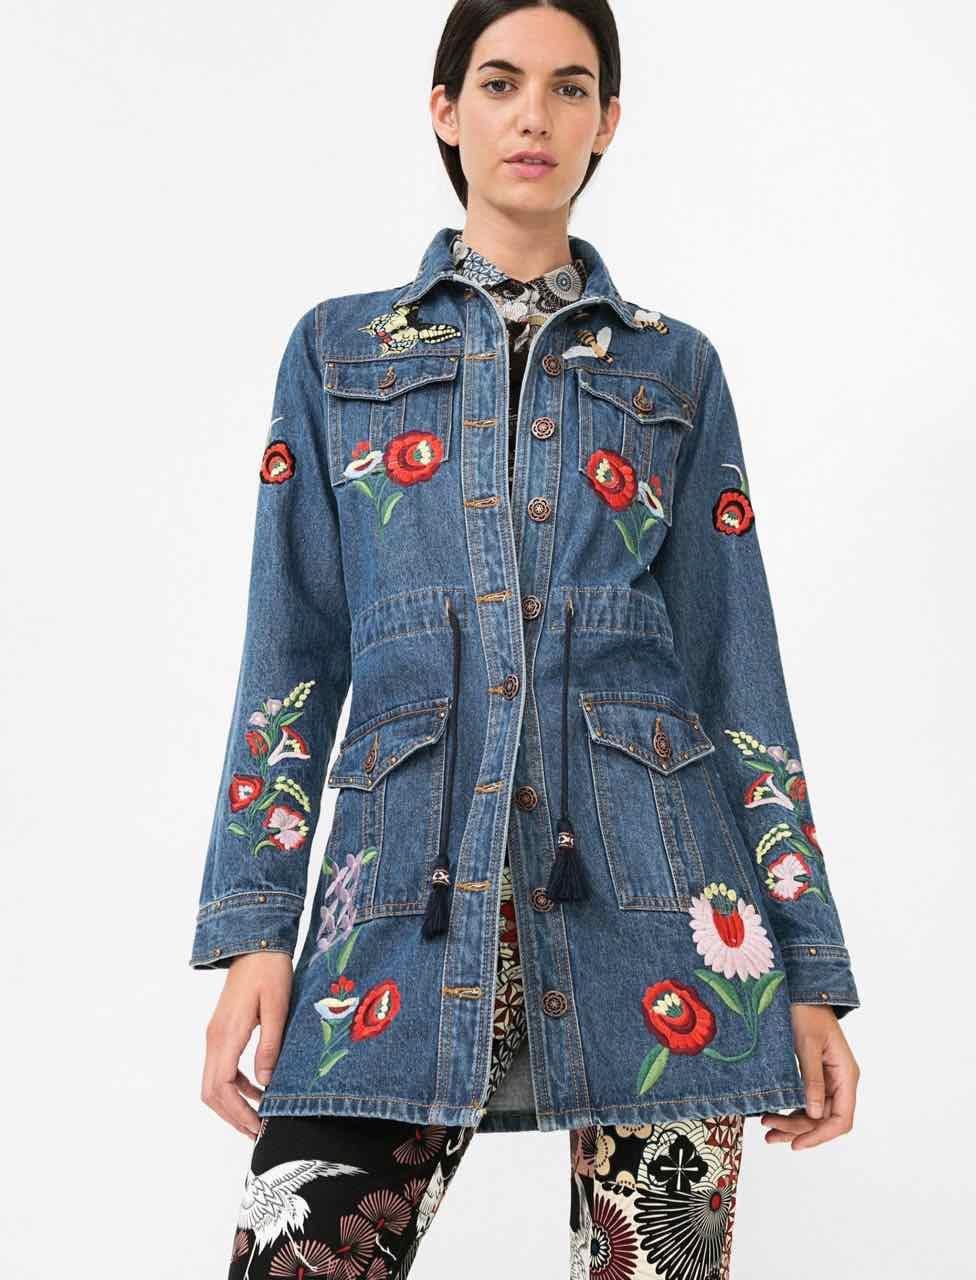 3511e87b7cb8 DESIGUAL Denim Jacket LIGHT WASH REP 69E29A2 | Buy Online